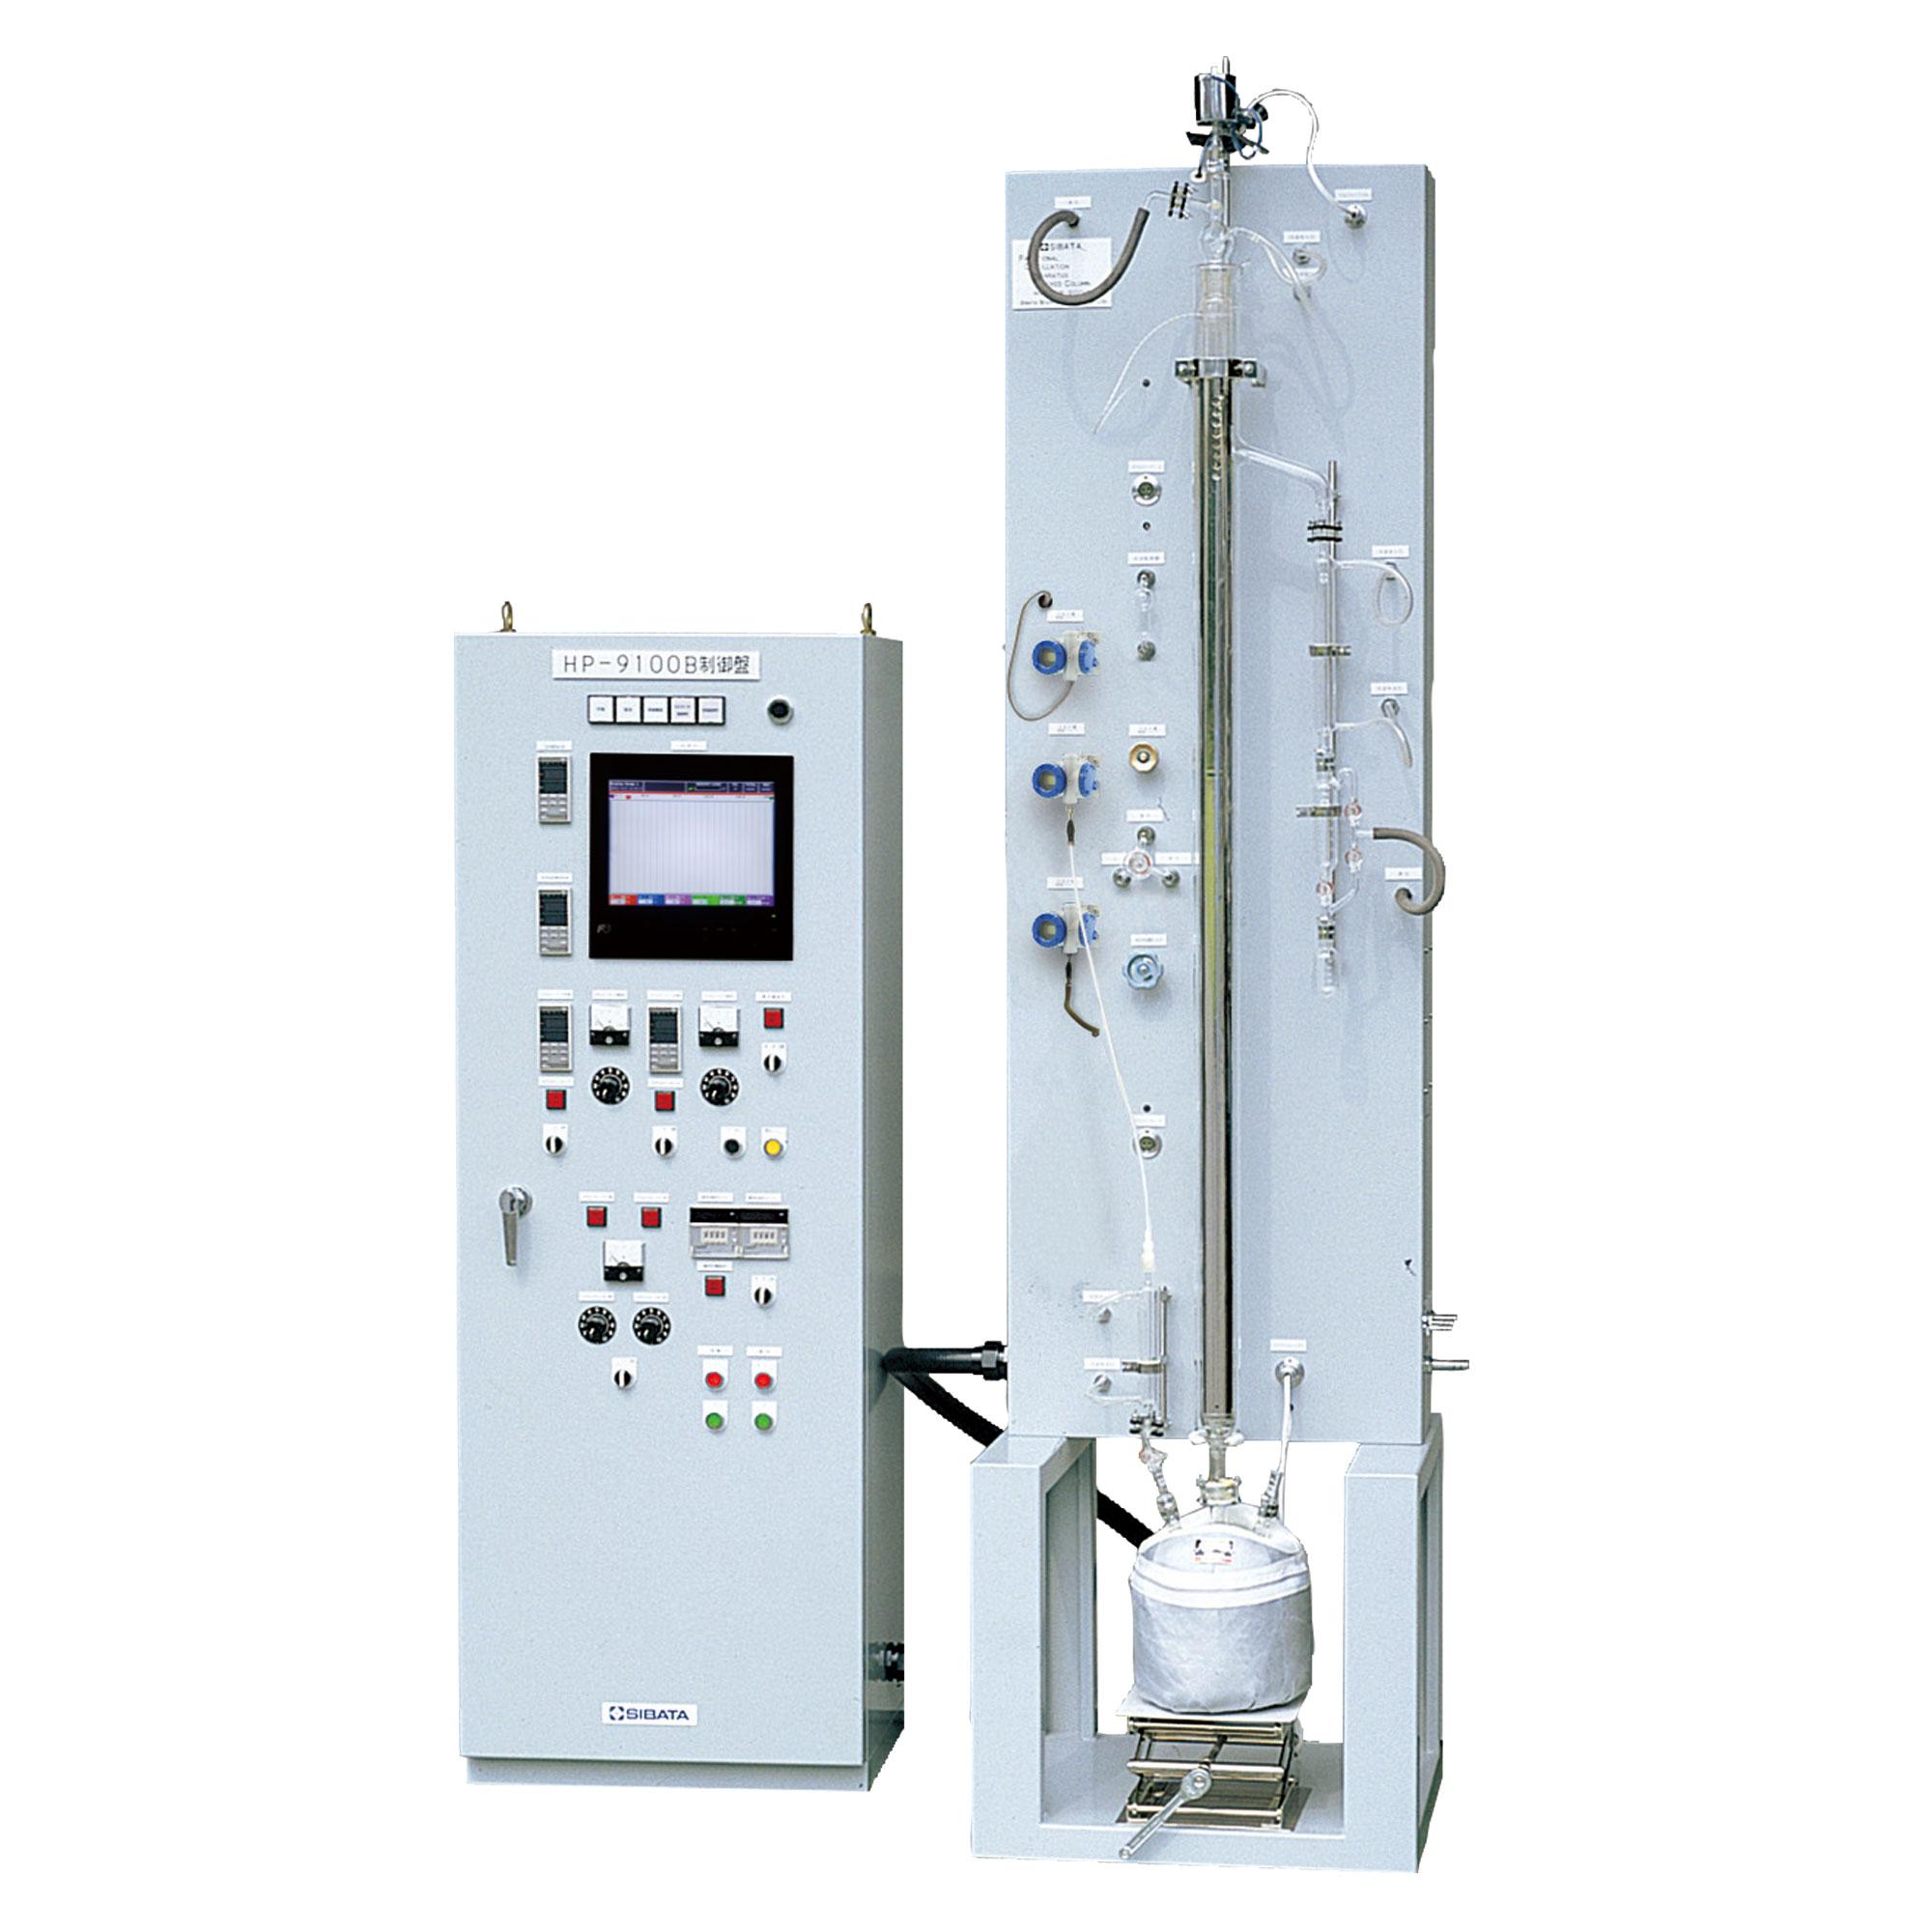 充填式蒸留装置 HP-9100-B型